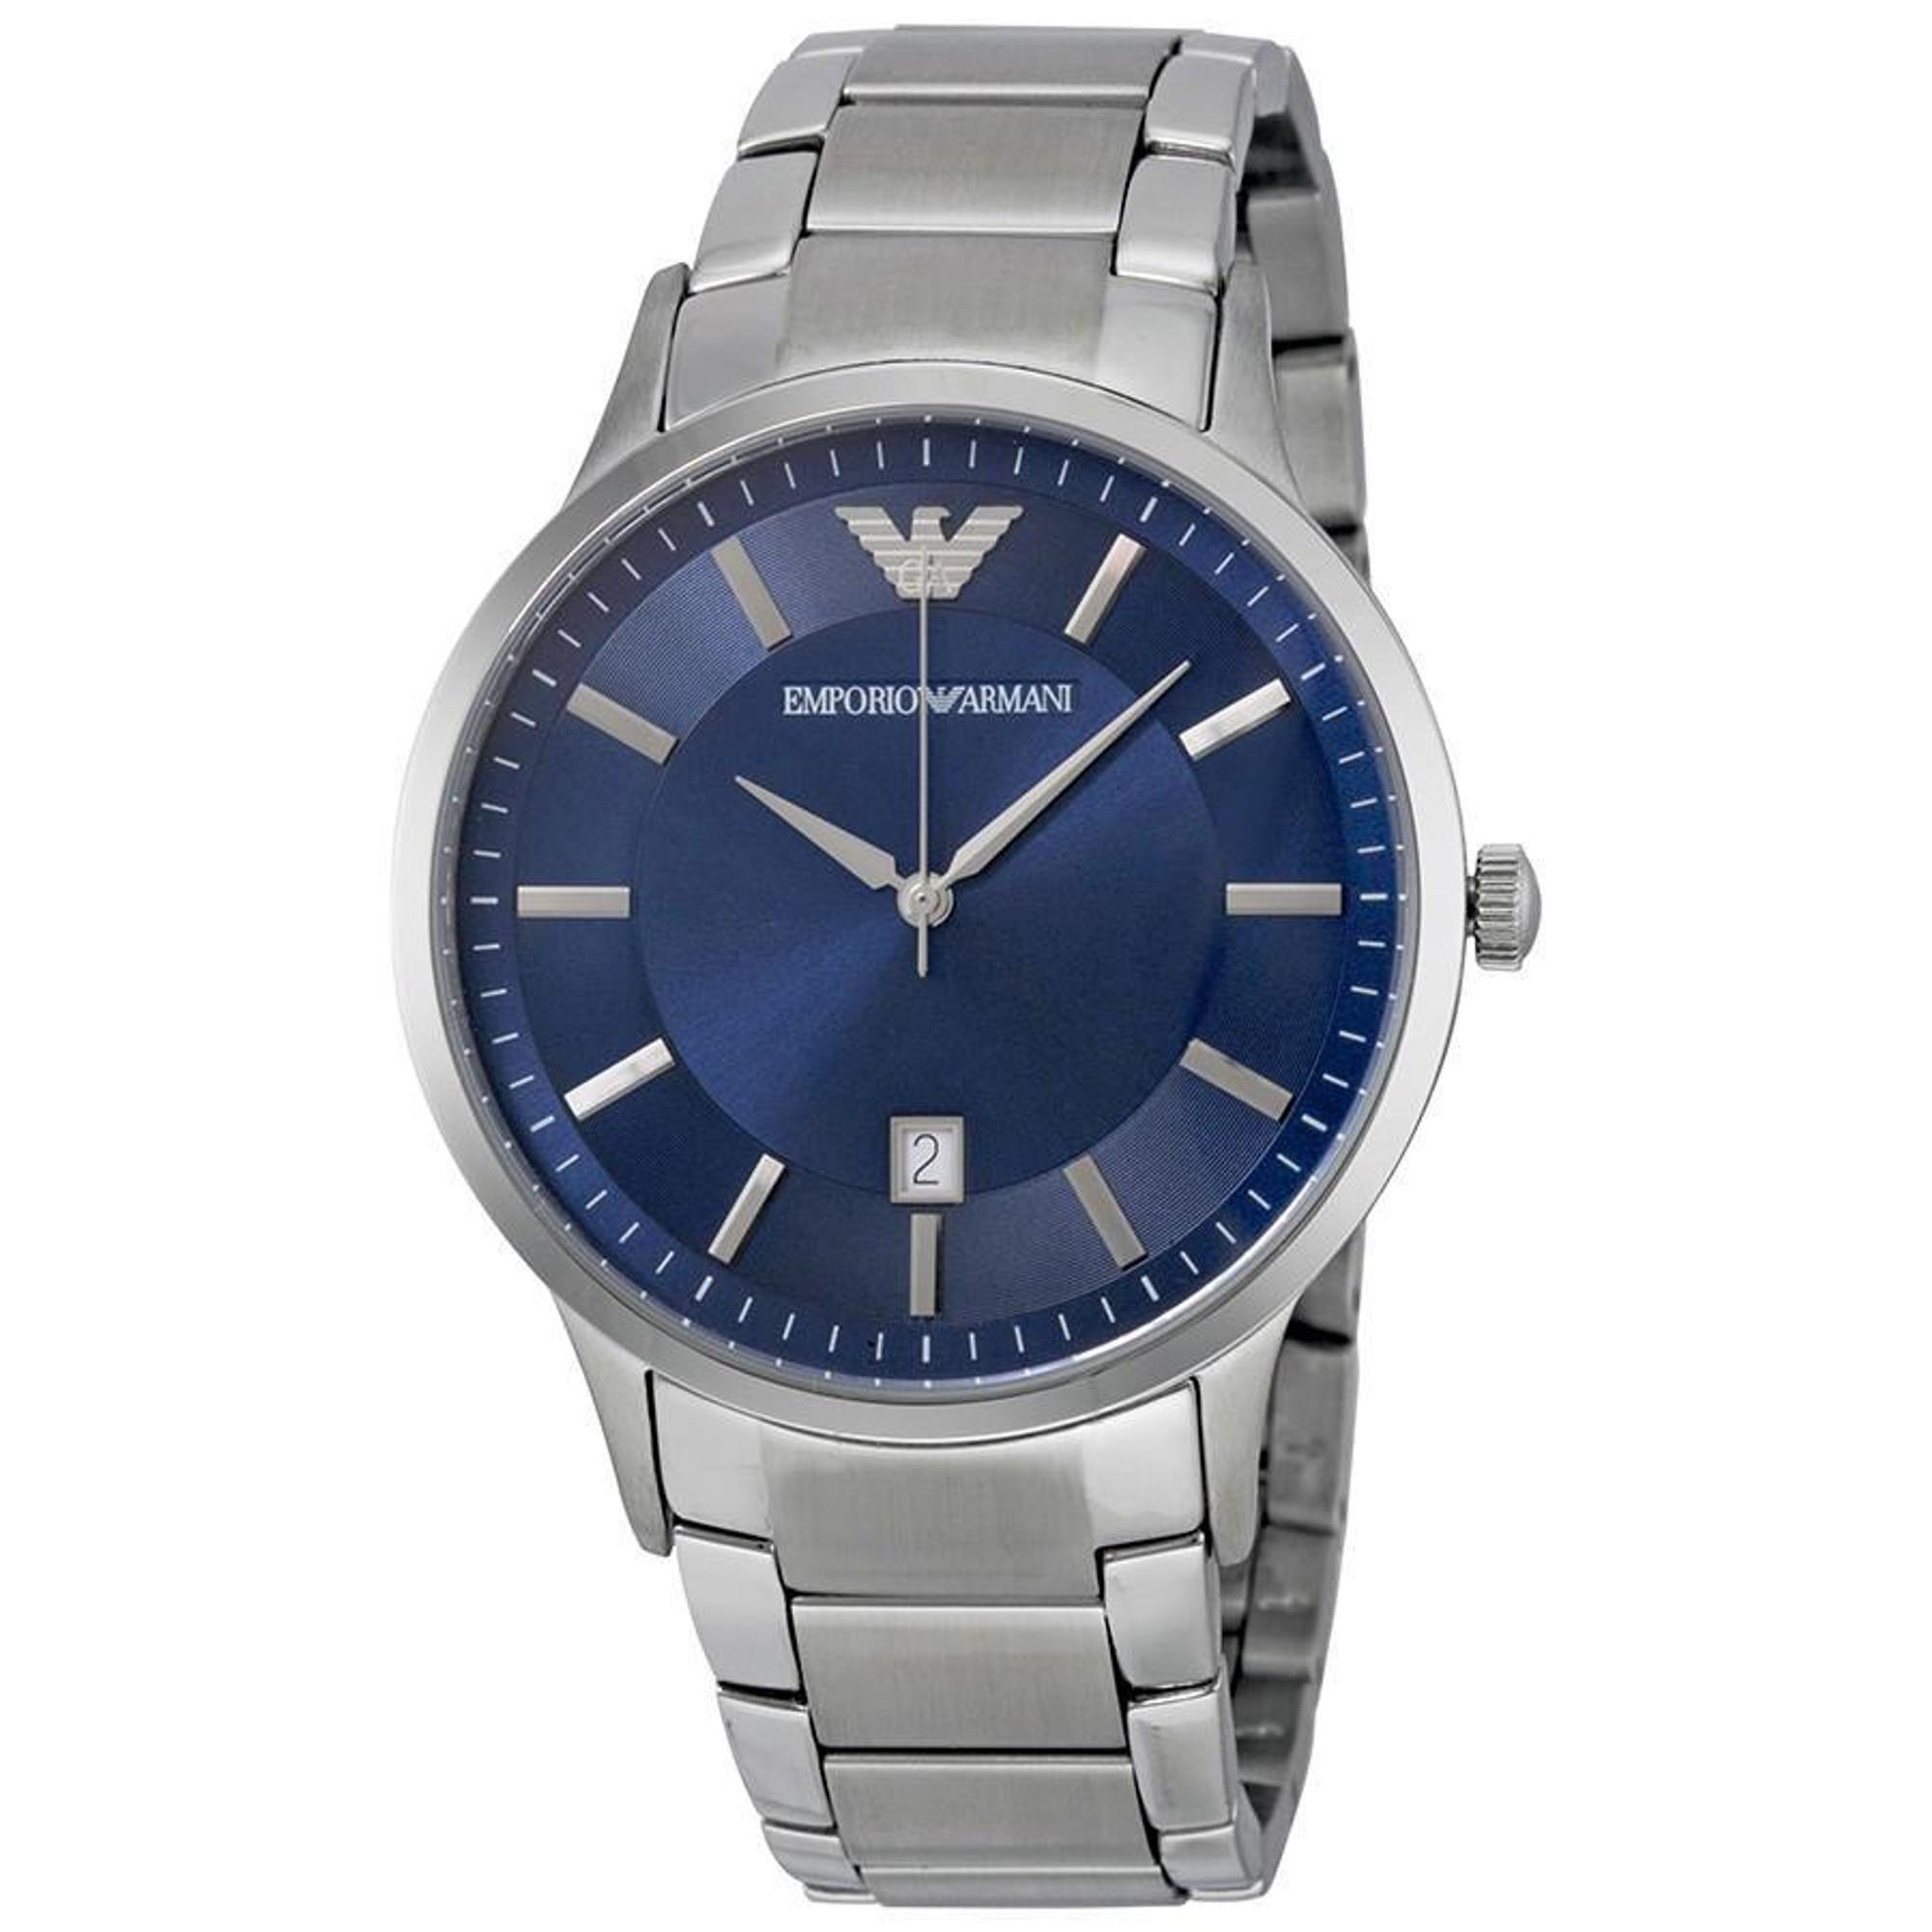 EMPORIO ARMANI Renato Classic Watch AR2477